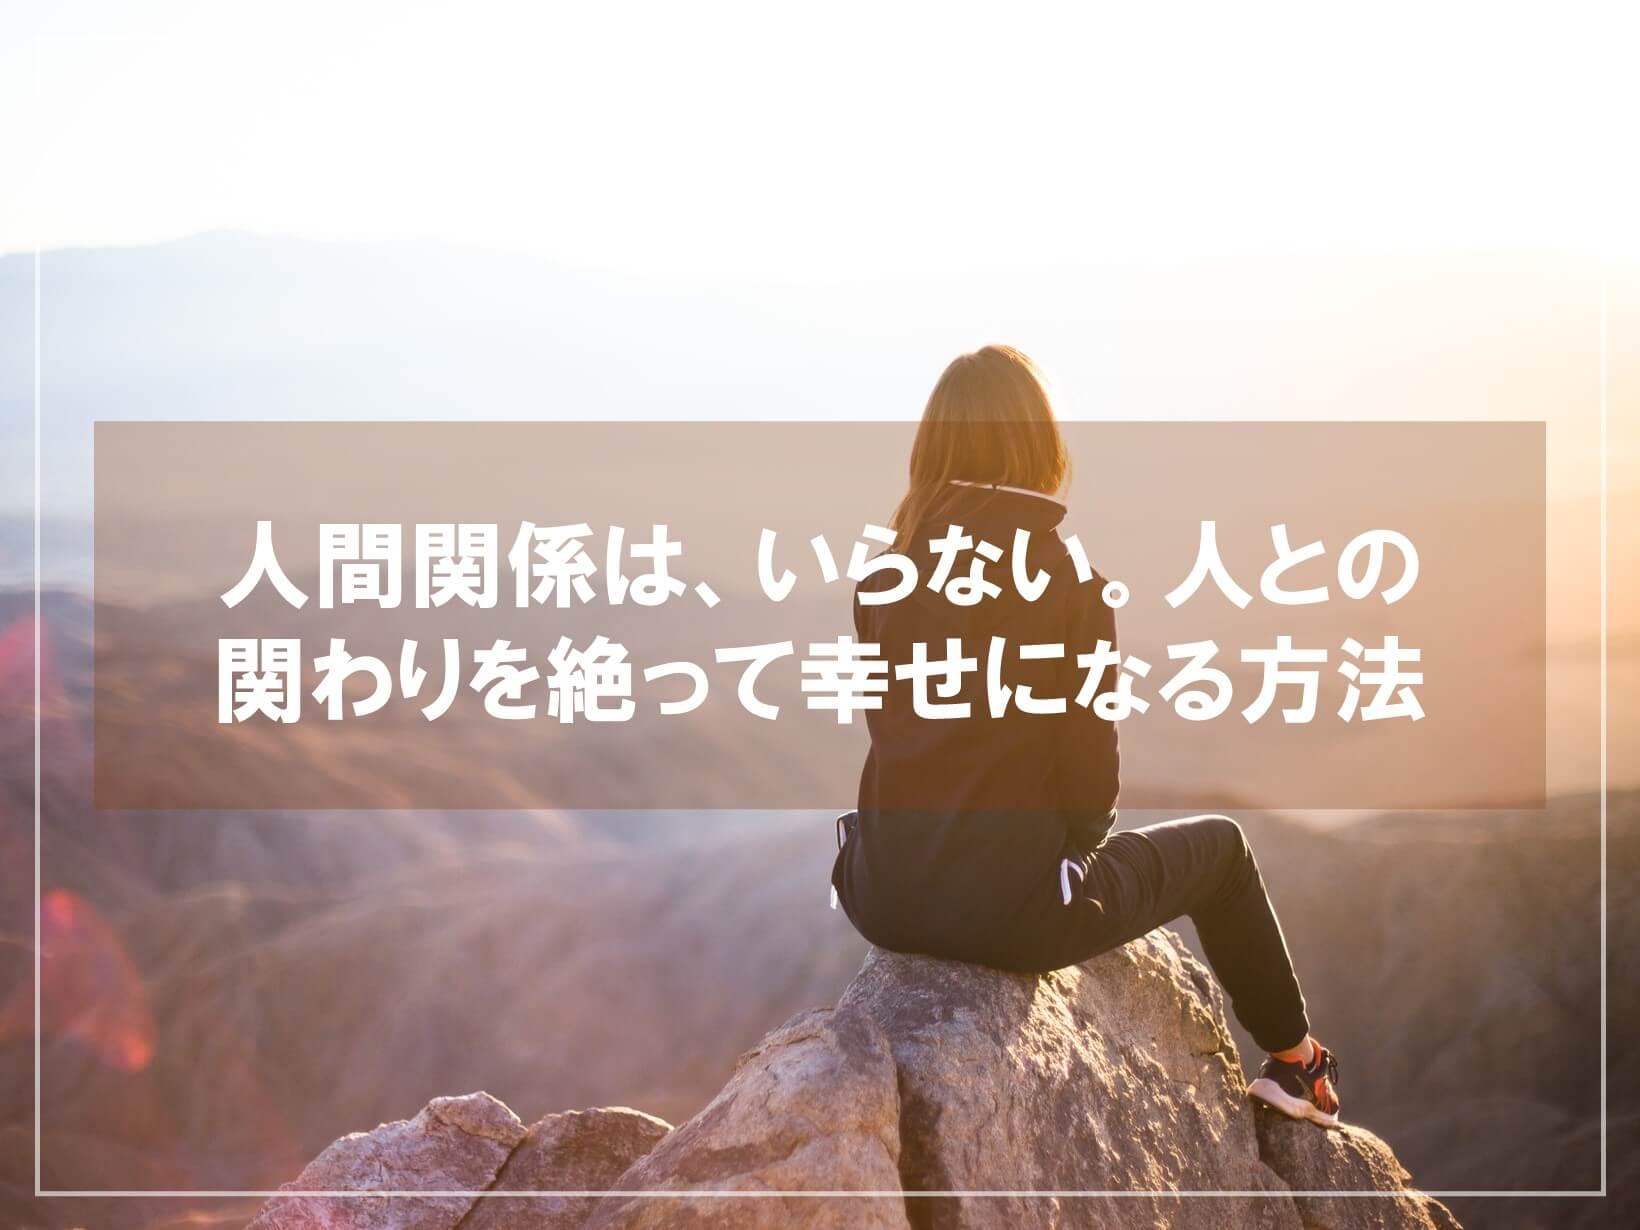 人間関係は、いらない。人との関わりを絶って幸せになる方法